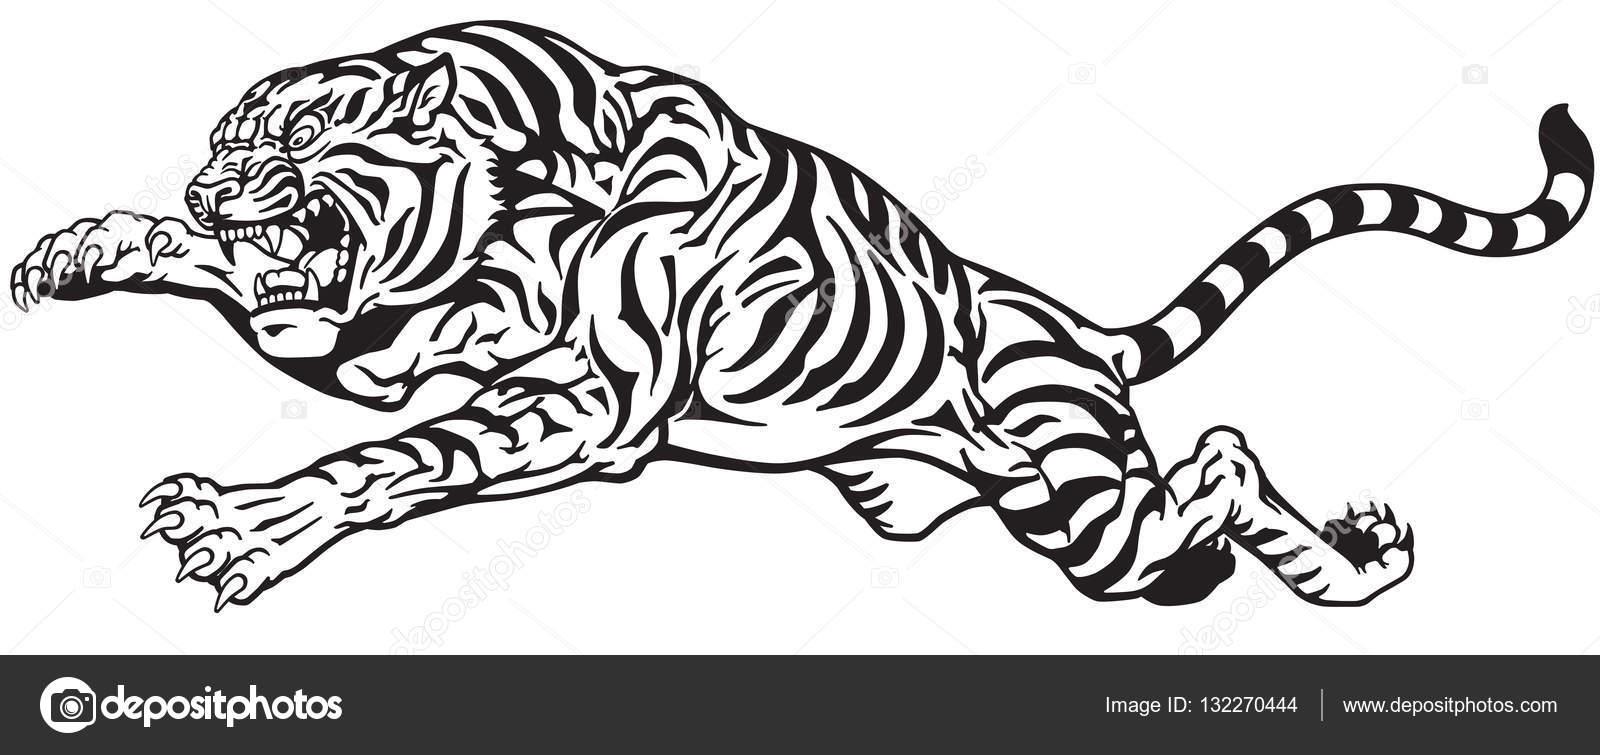 salto de tigre blanco y negro — Archivo Imágenes